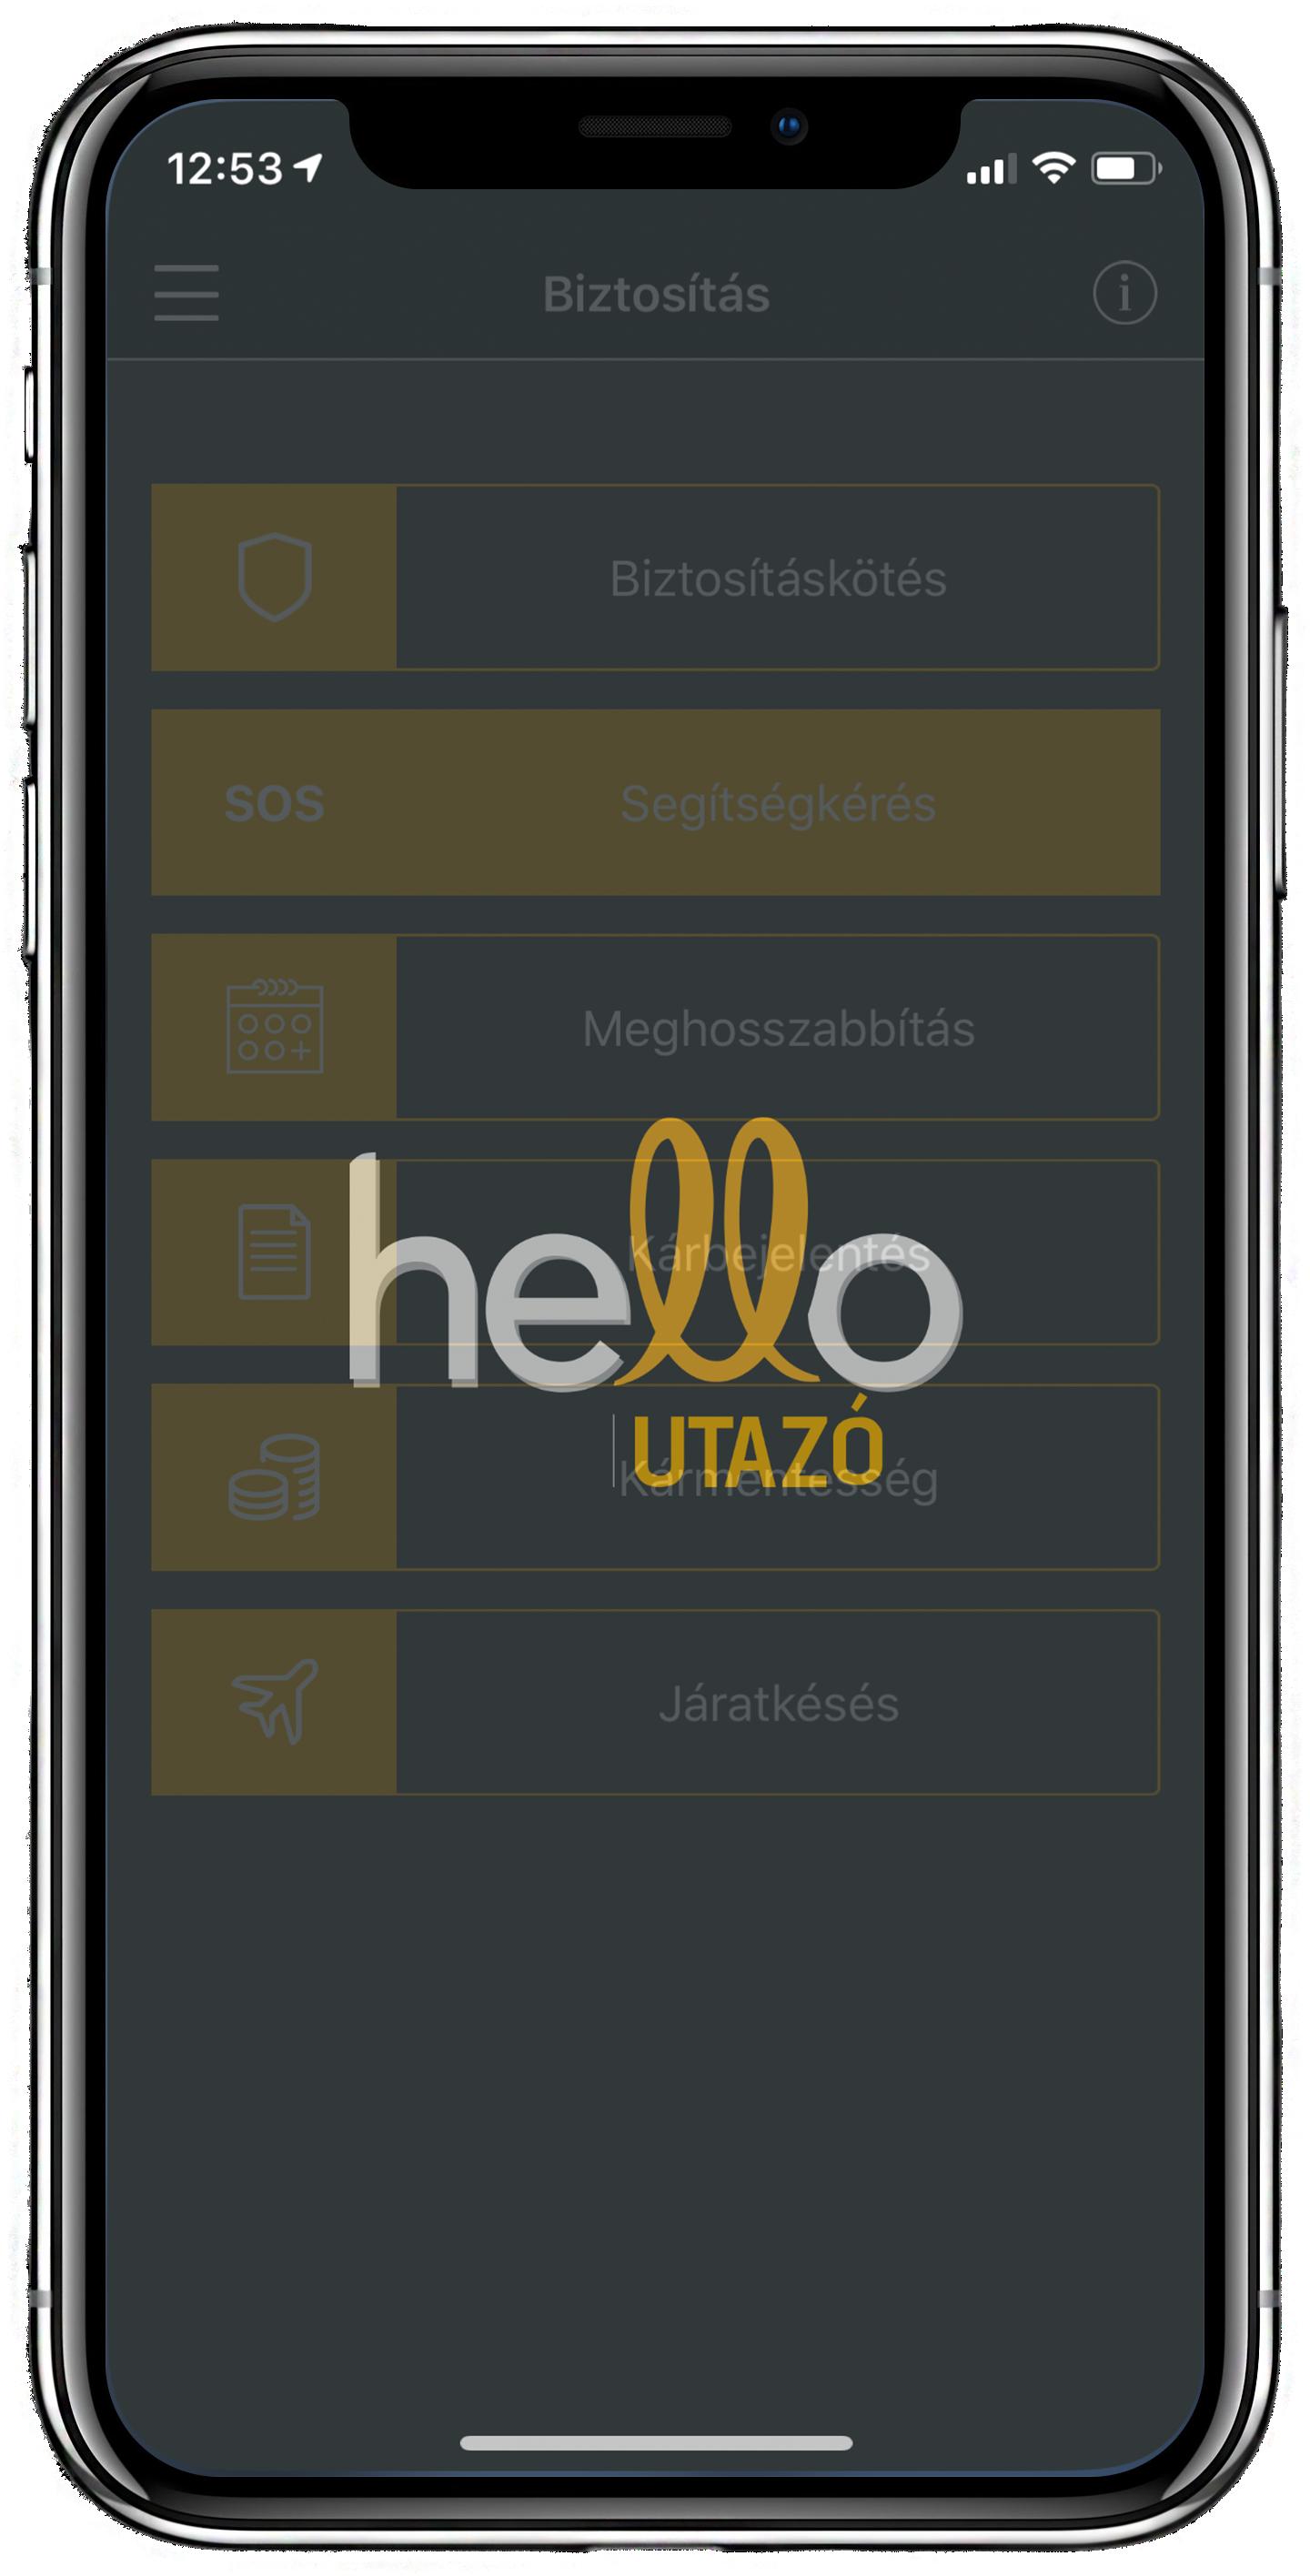 hello_utazo.png